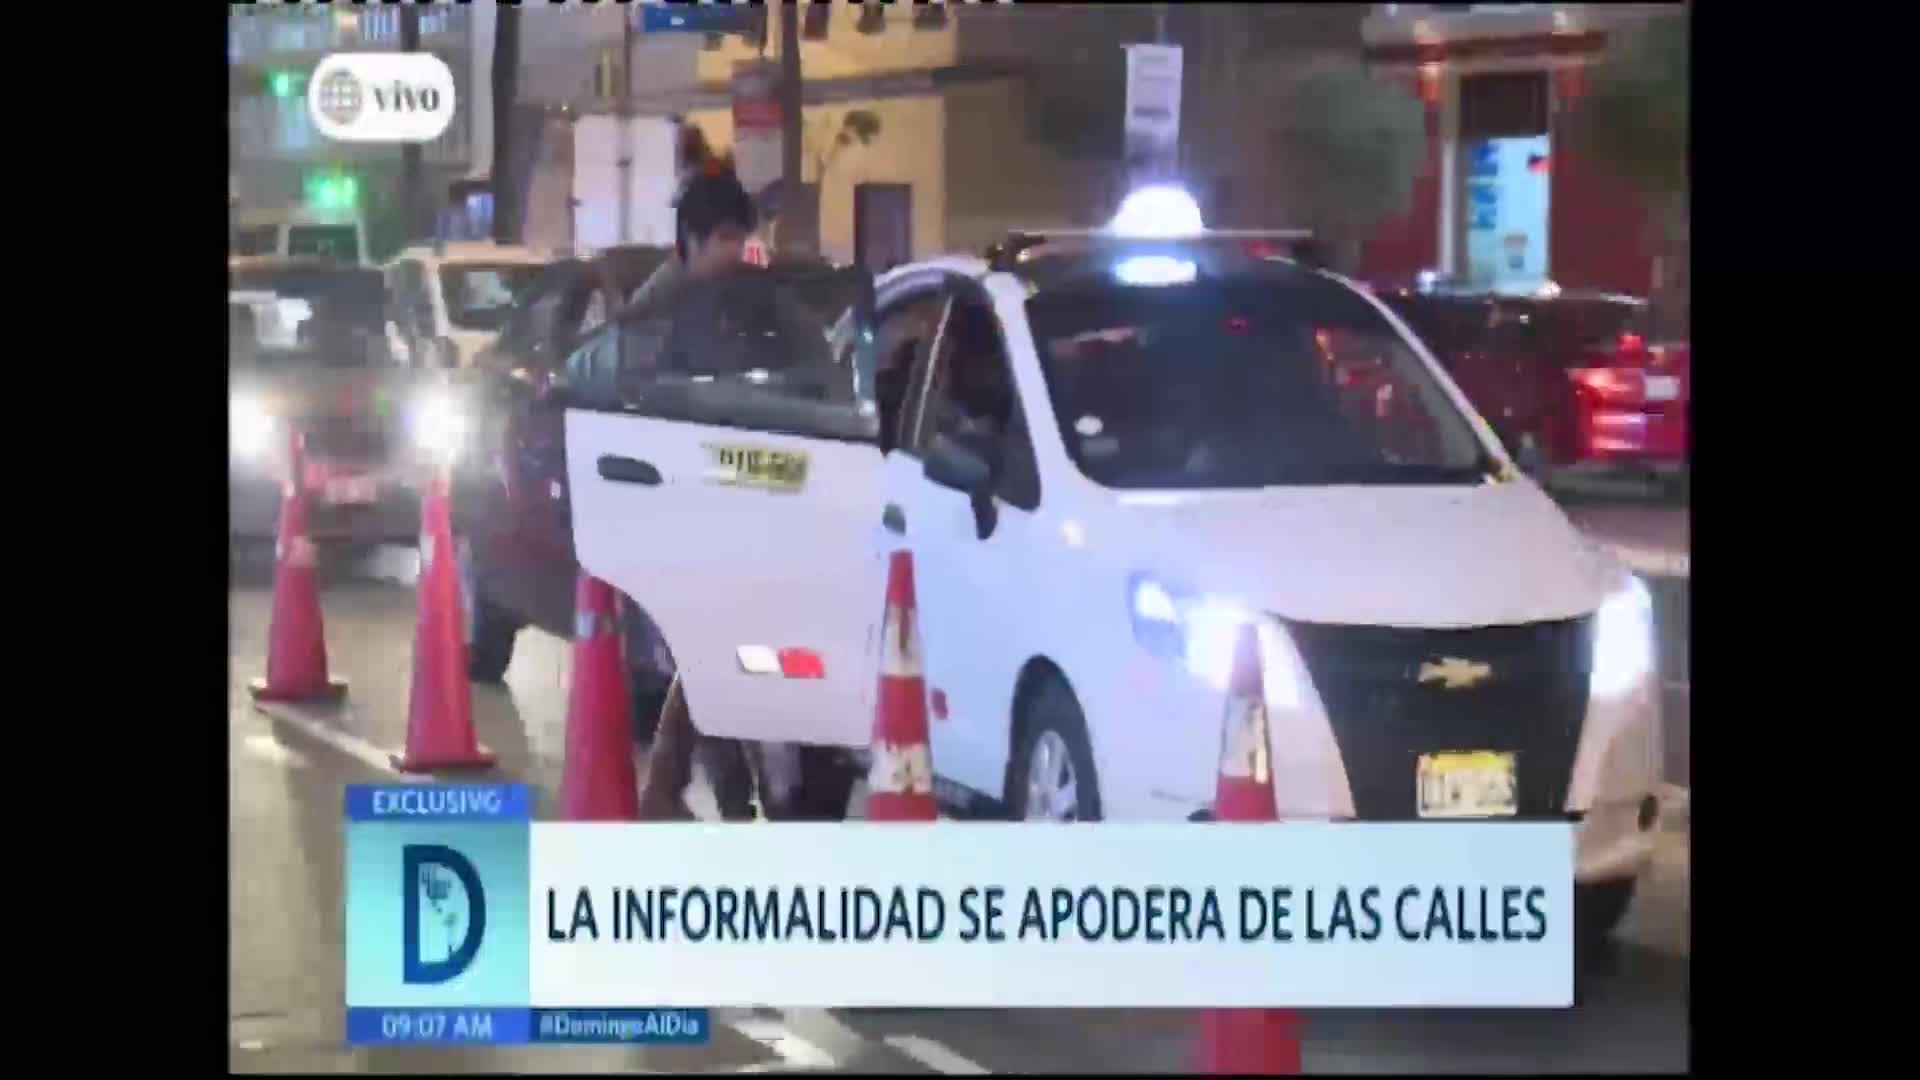 La informalidad vehicular se apodera de las calles en la capital